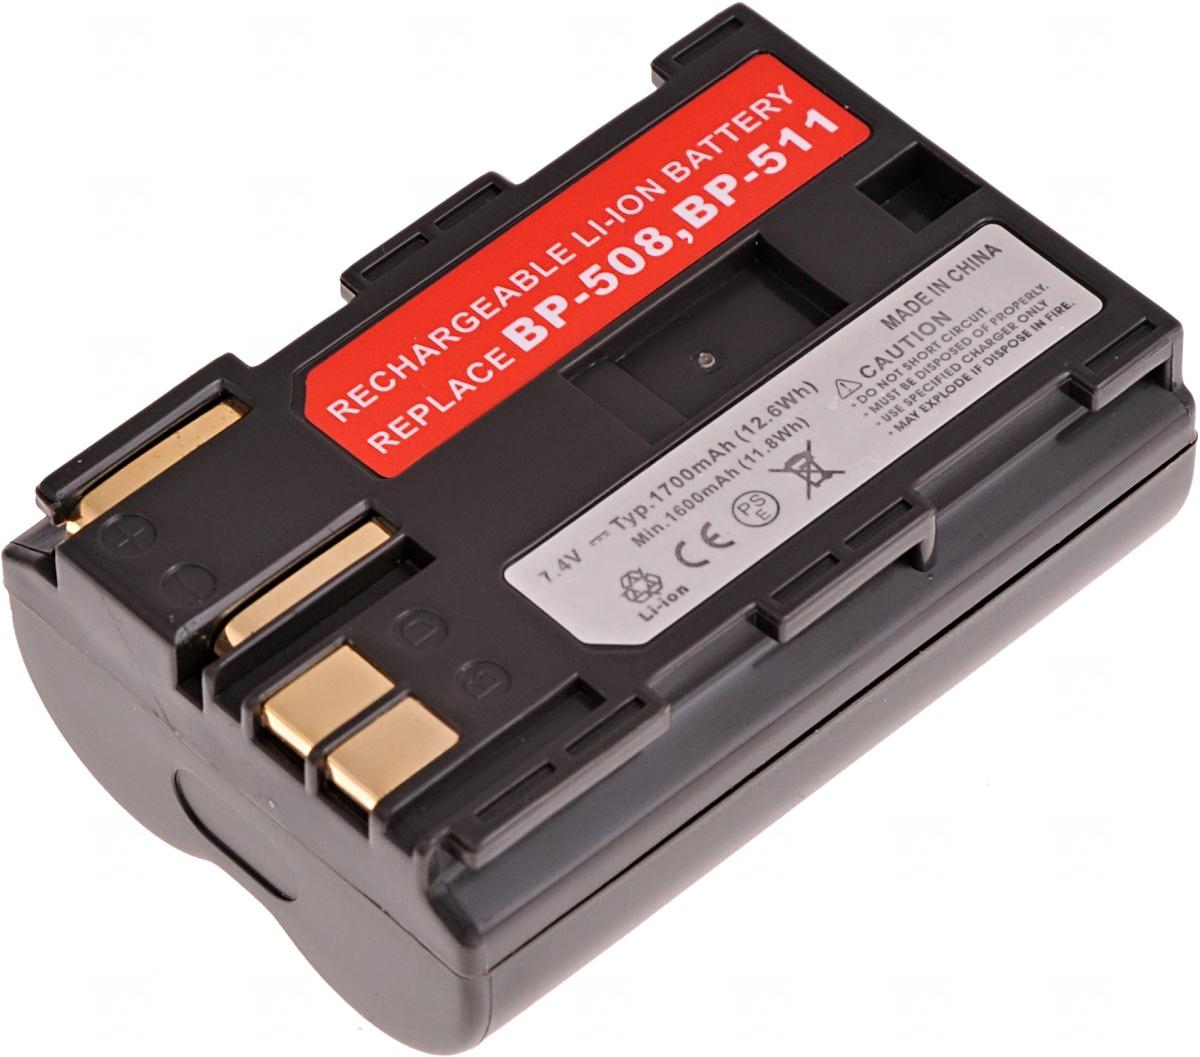 Baterie T6 power Canon BP-508, BP-511, BP-511A, BP-512, BP-514, 1700mAh, hnědá; DCCA0007